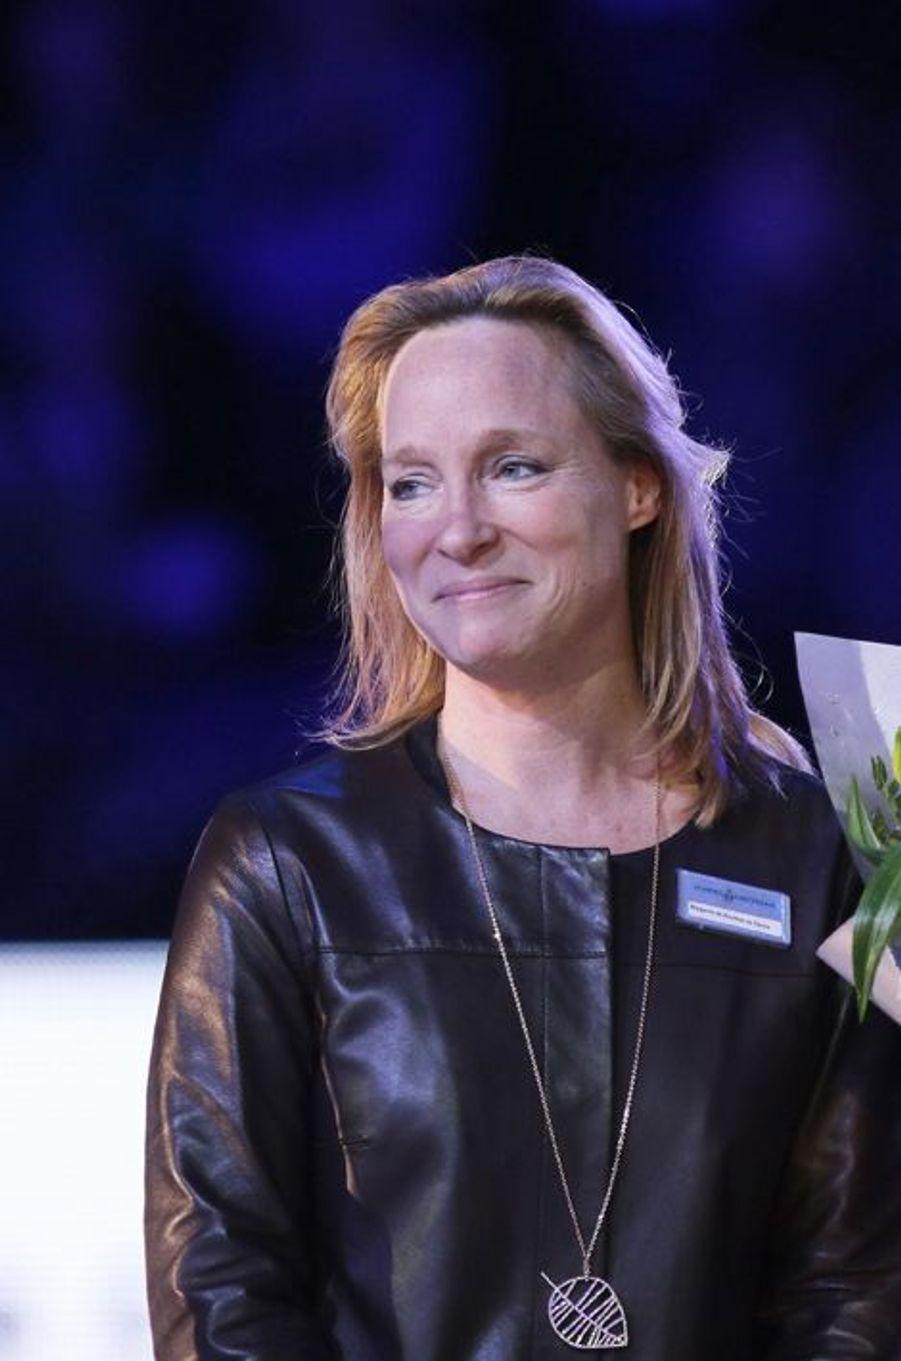 La princesse Margarita de Bourbon Parme au Jumping Amsterdam, le 1er février 2015